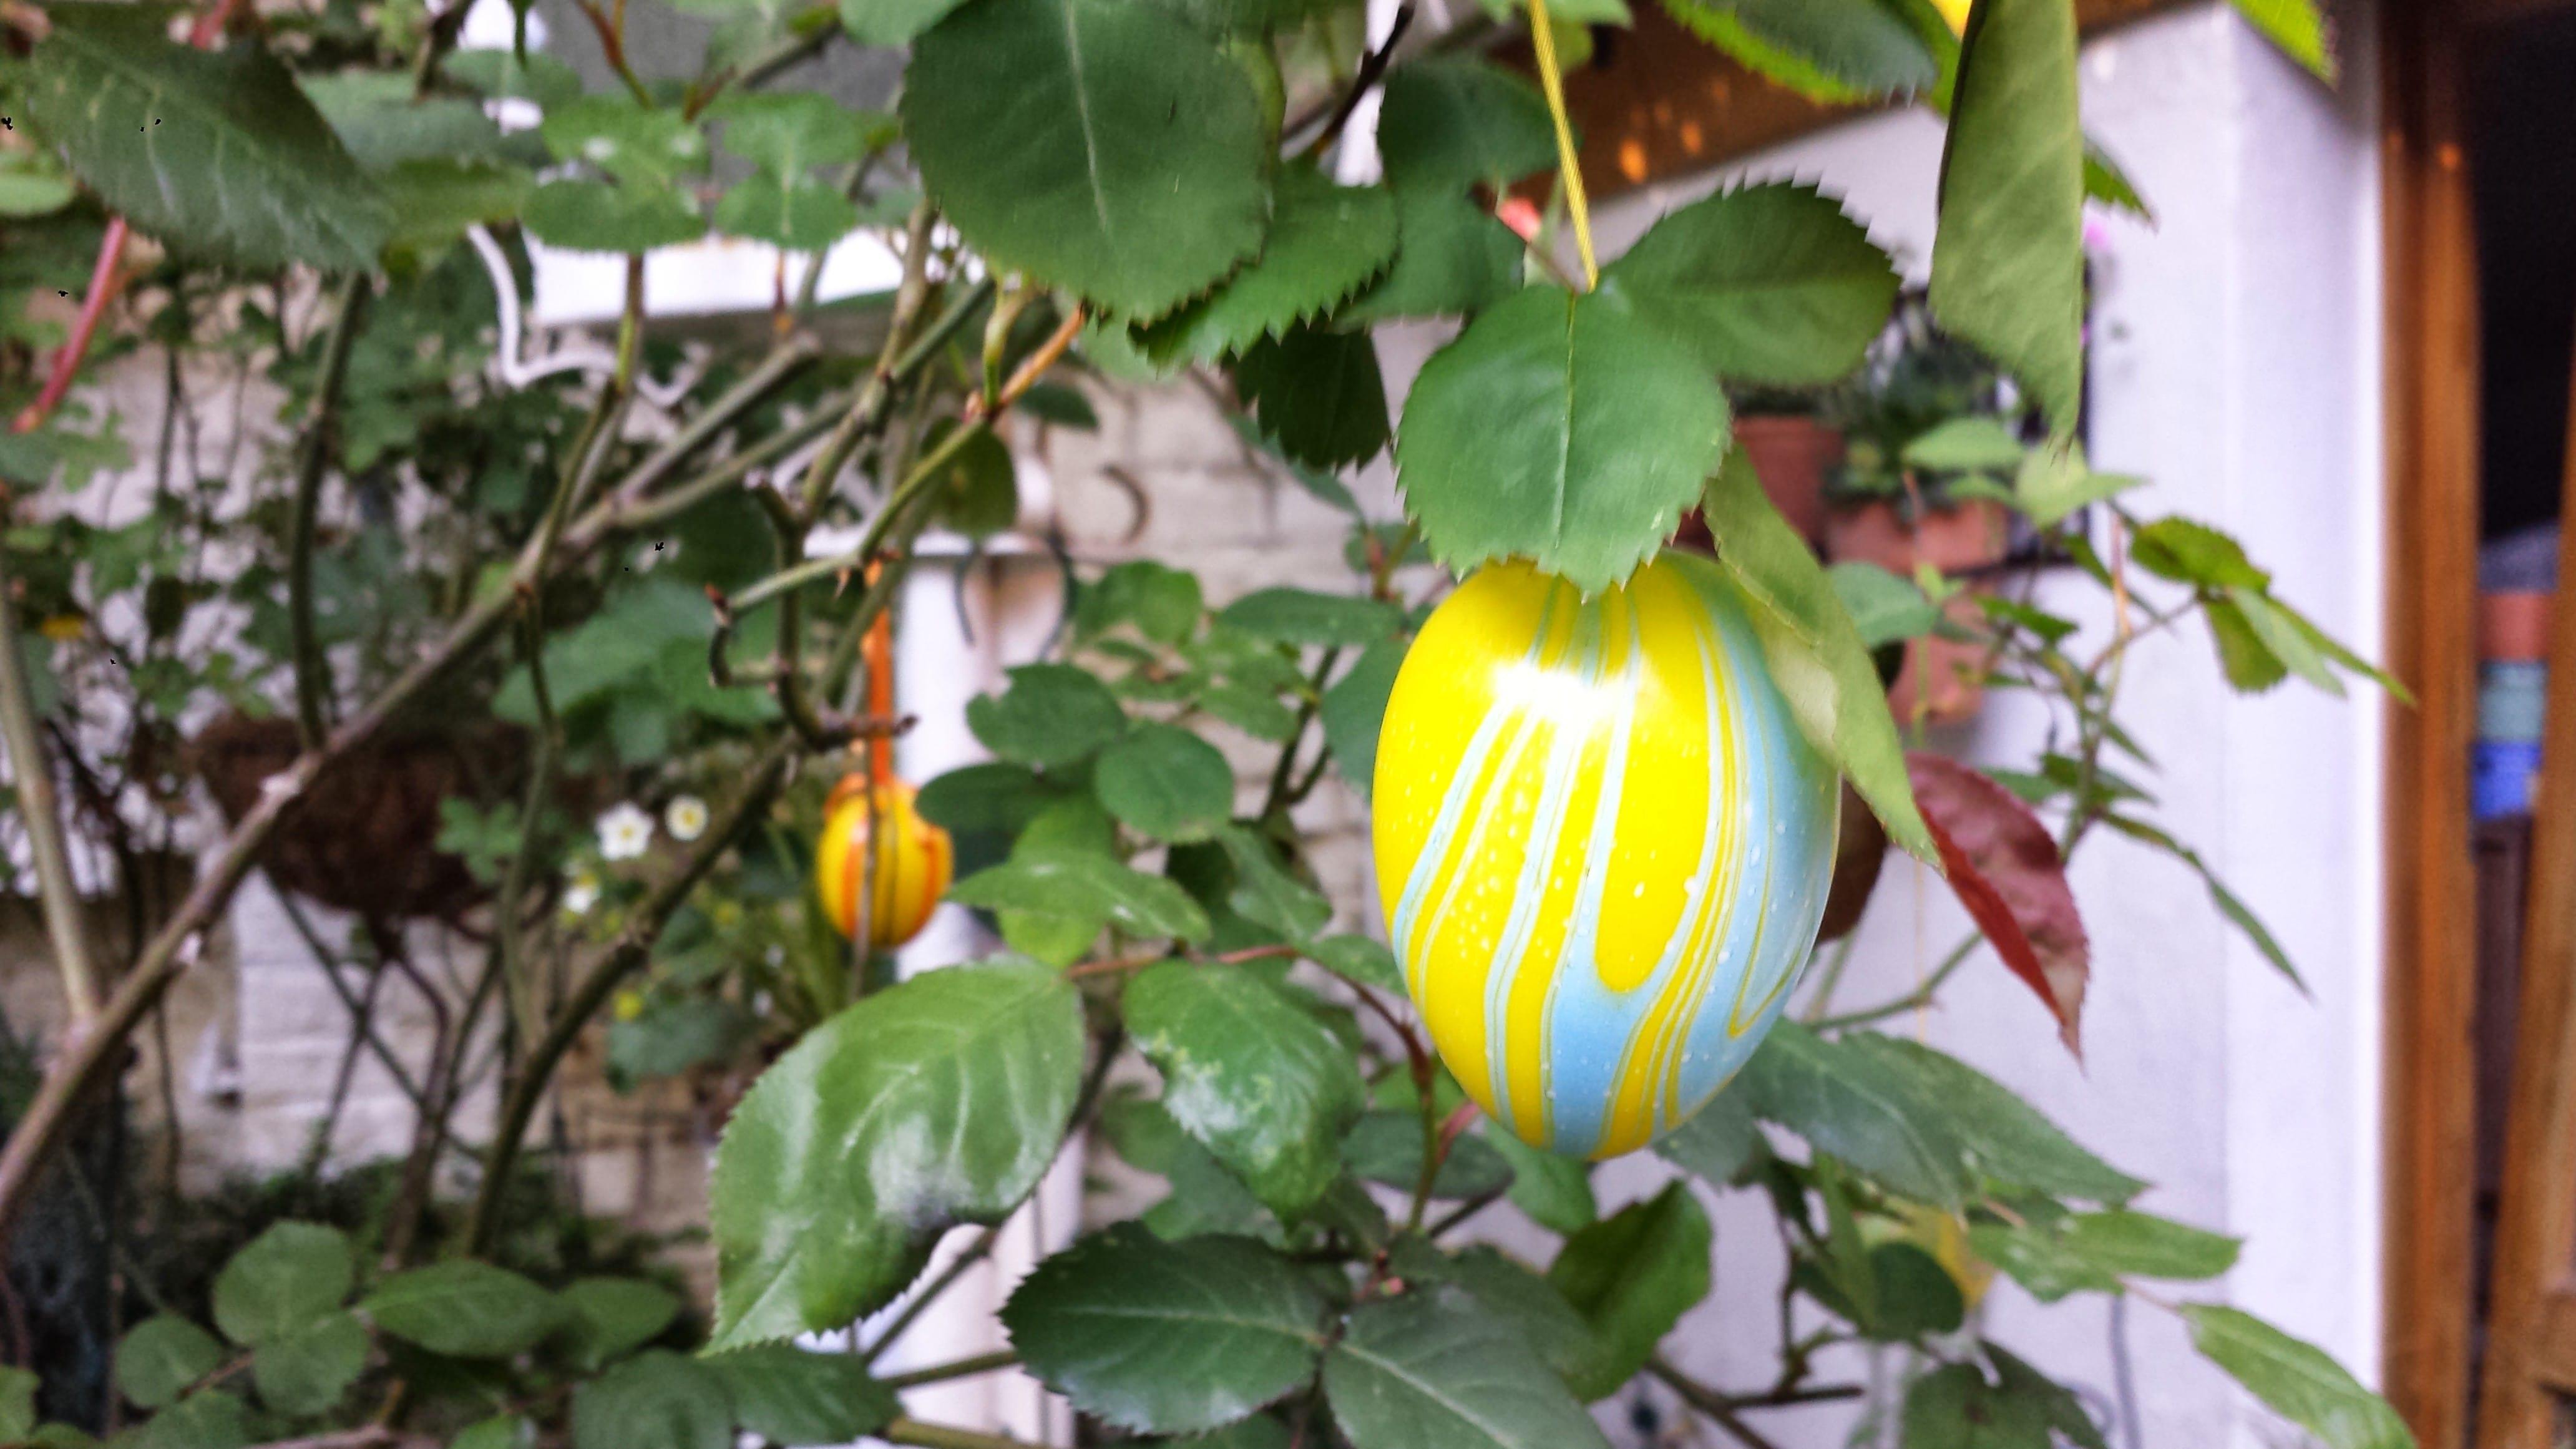 Weder Henne, noch Ei – so viel steht jetzt fest